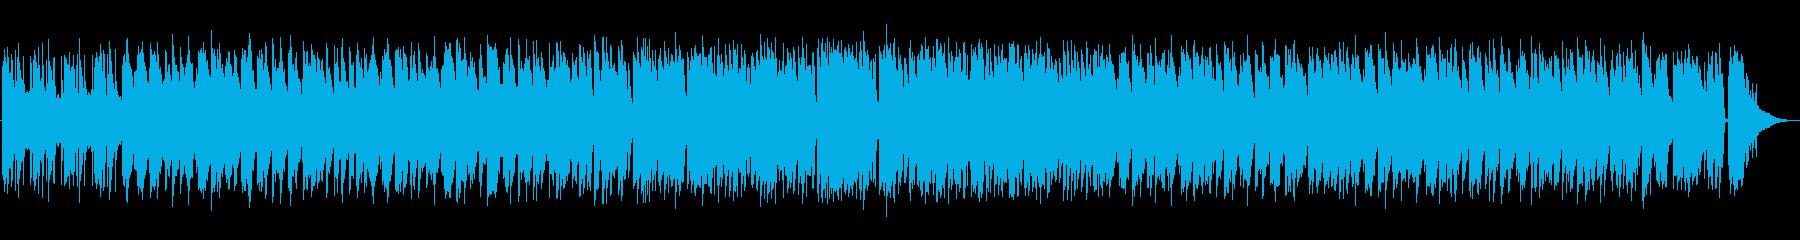 休日・リラックス・カフェ・ジャズの再生済みの波形